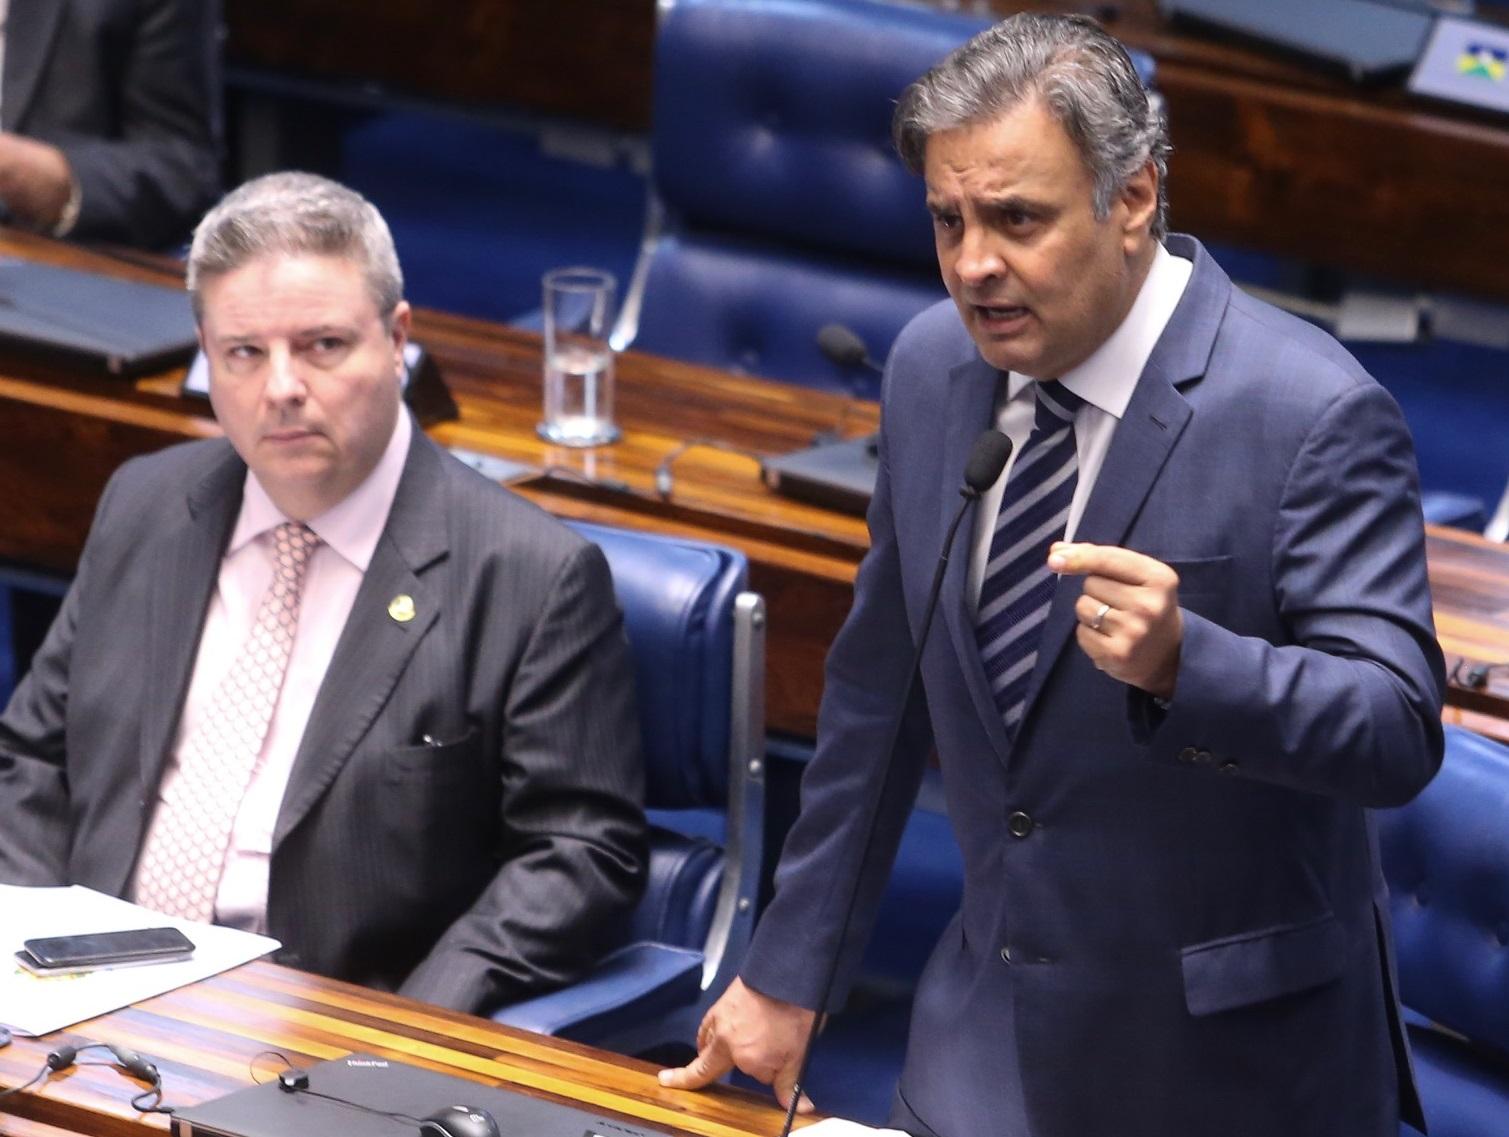 Aécio Neves plenário Senado